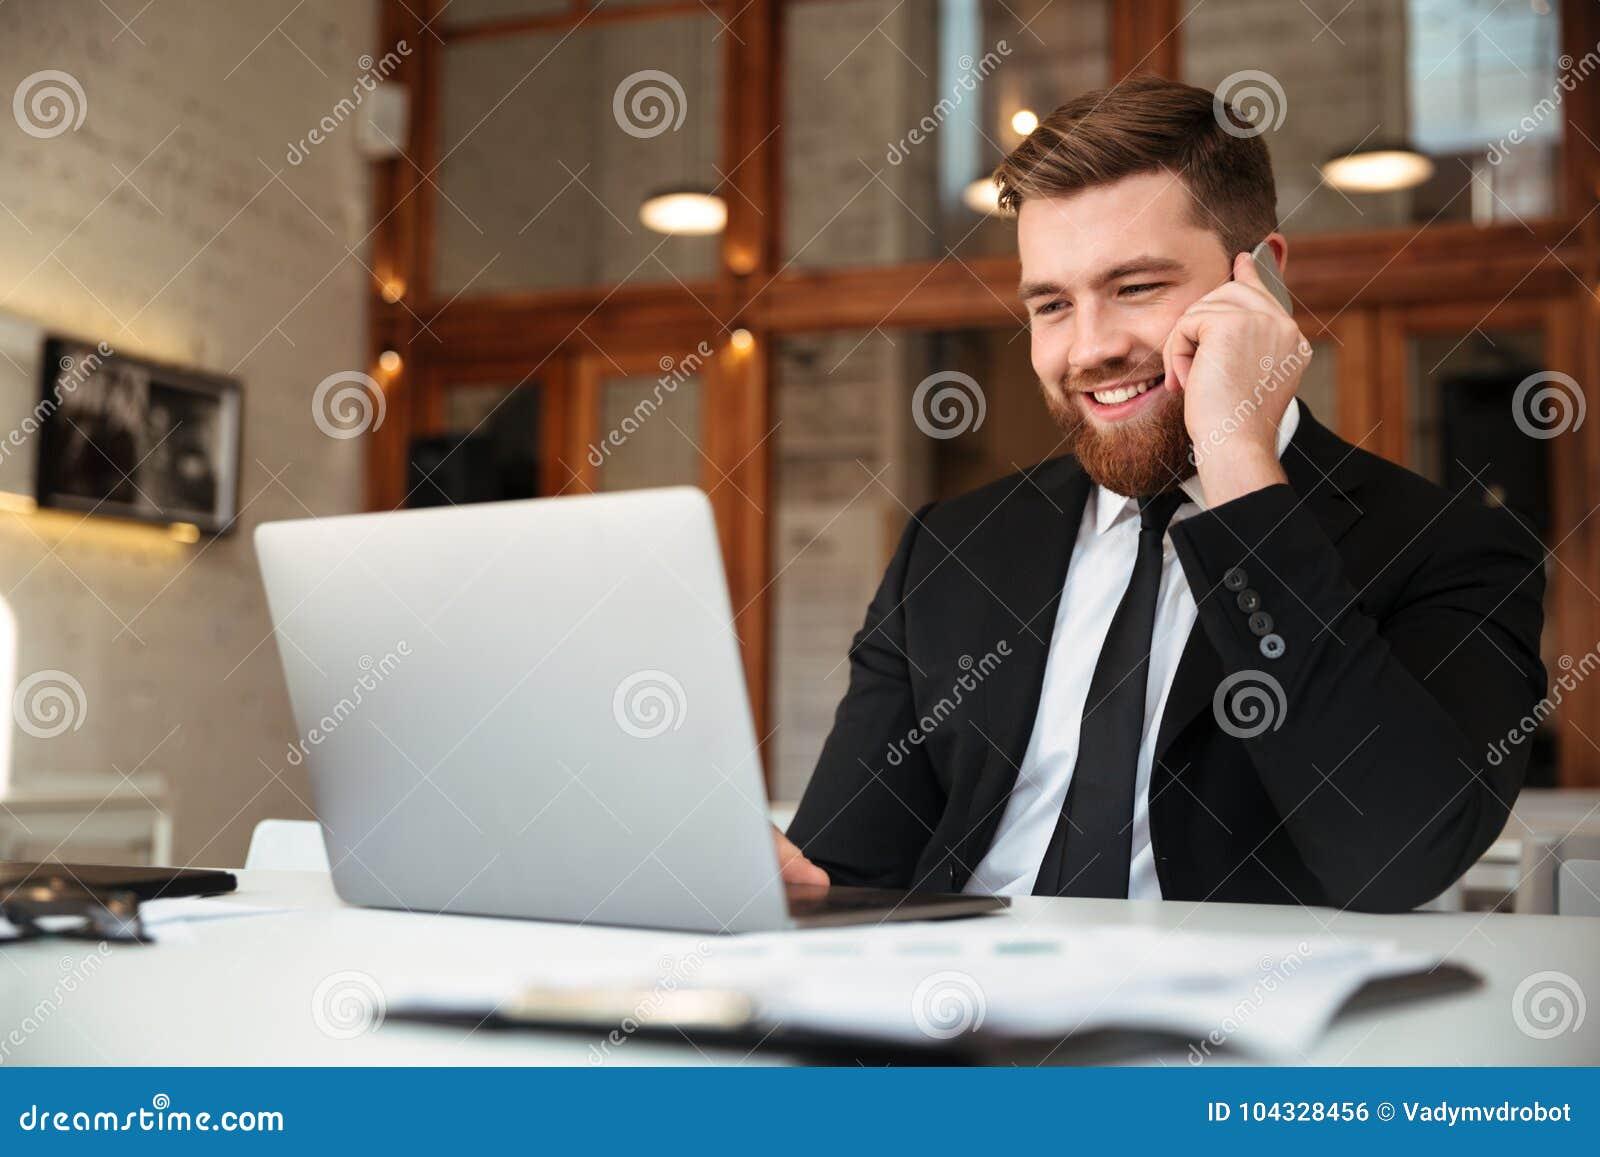 Szczęśliwy młody biznesmen opowiada na telefonie komórkowym w czarnym kostiumu, l